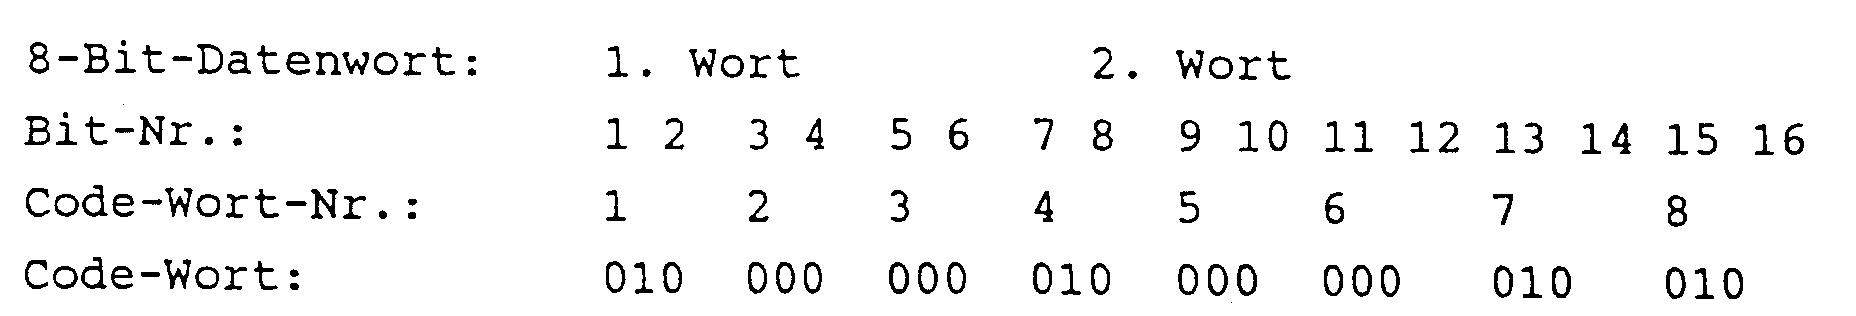 Code-Wörter auf Dating-Seiten